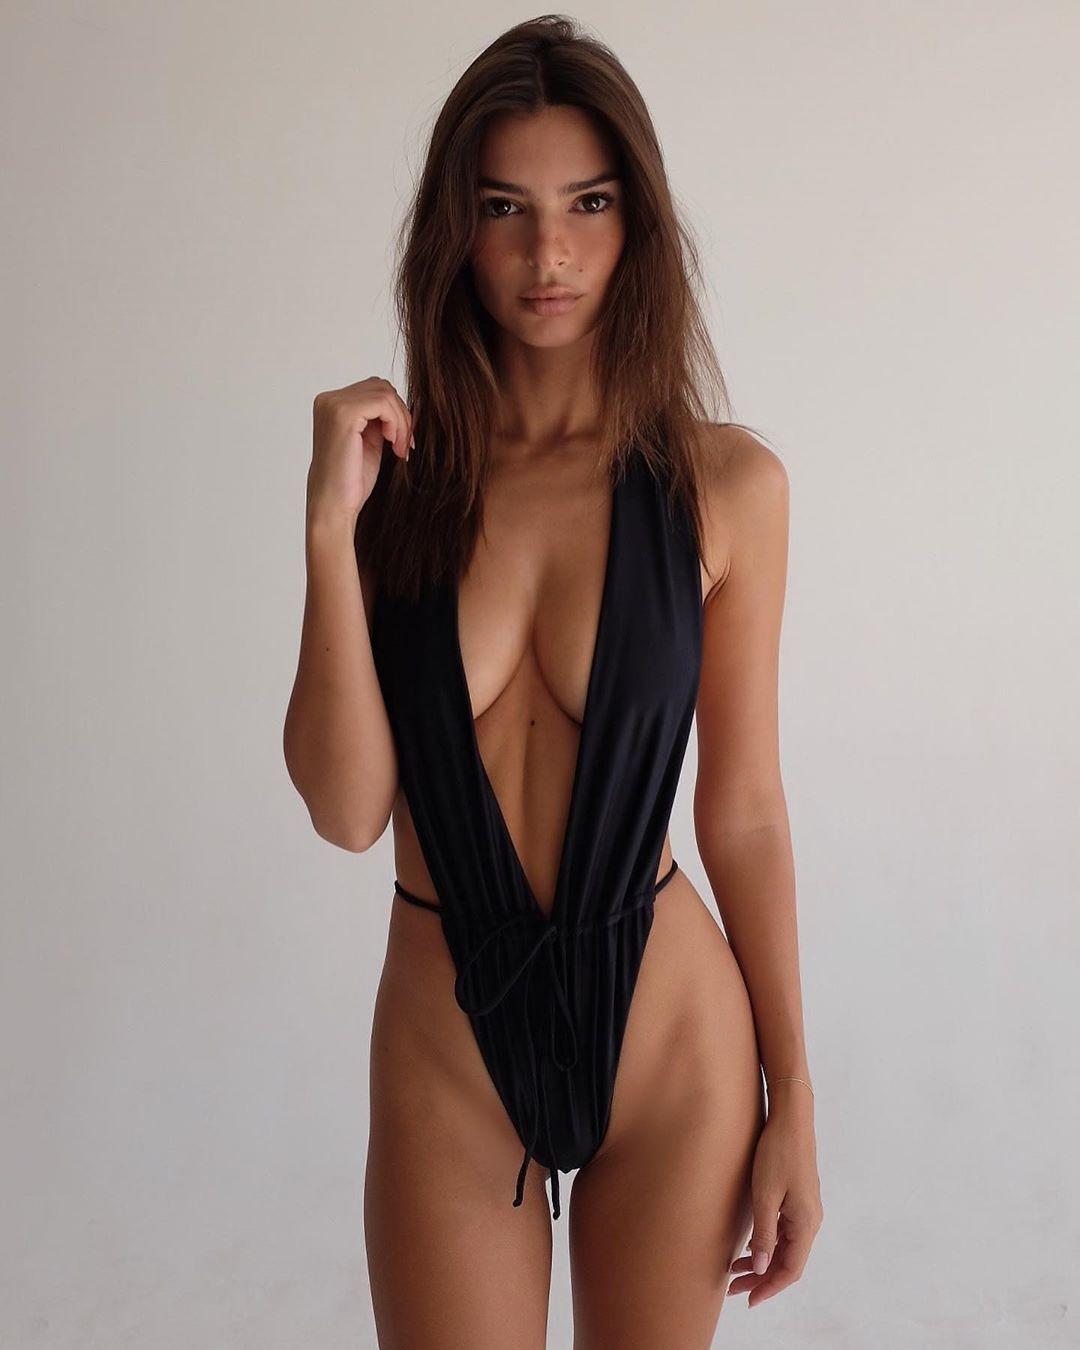 Emily-Ratajkowski-Sexy-bikini